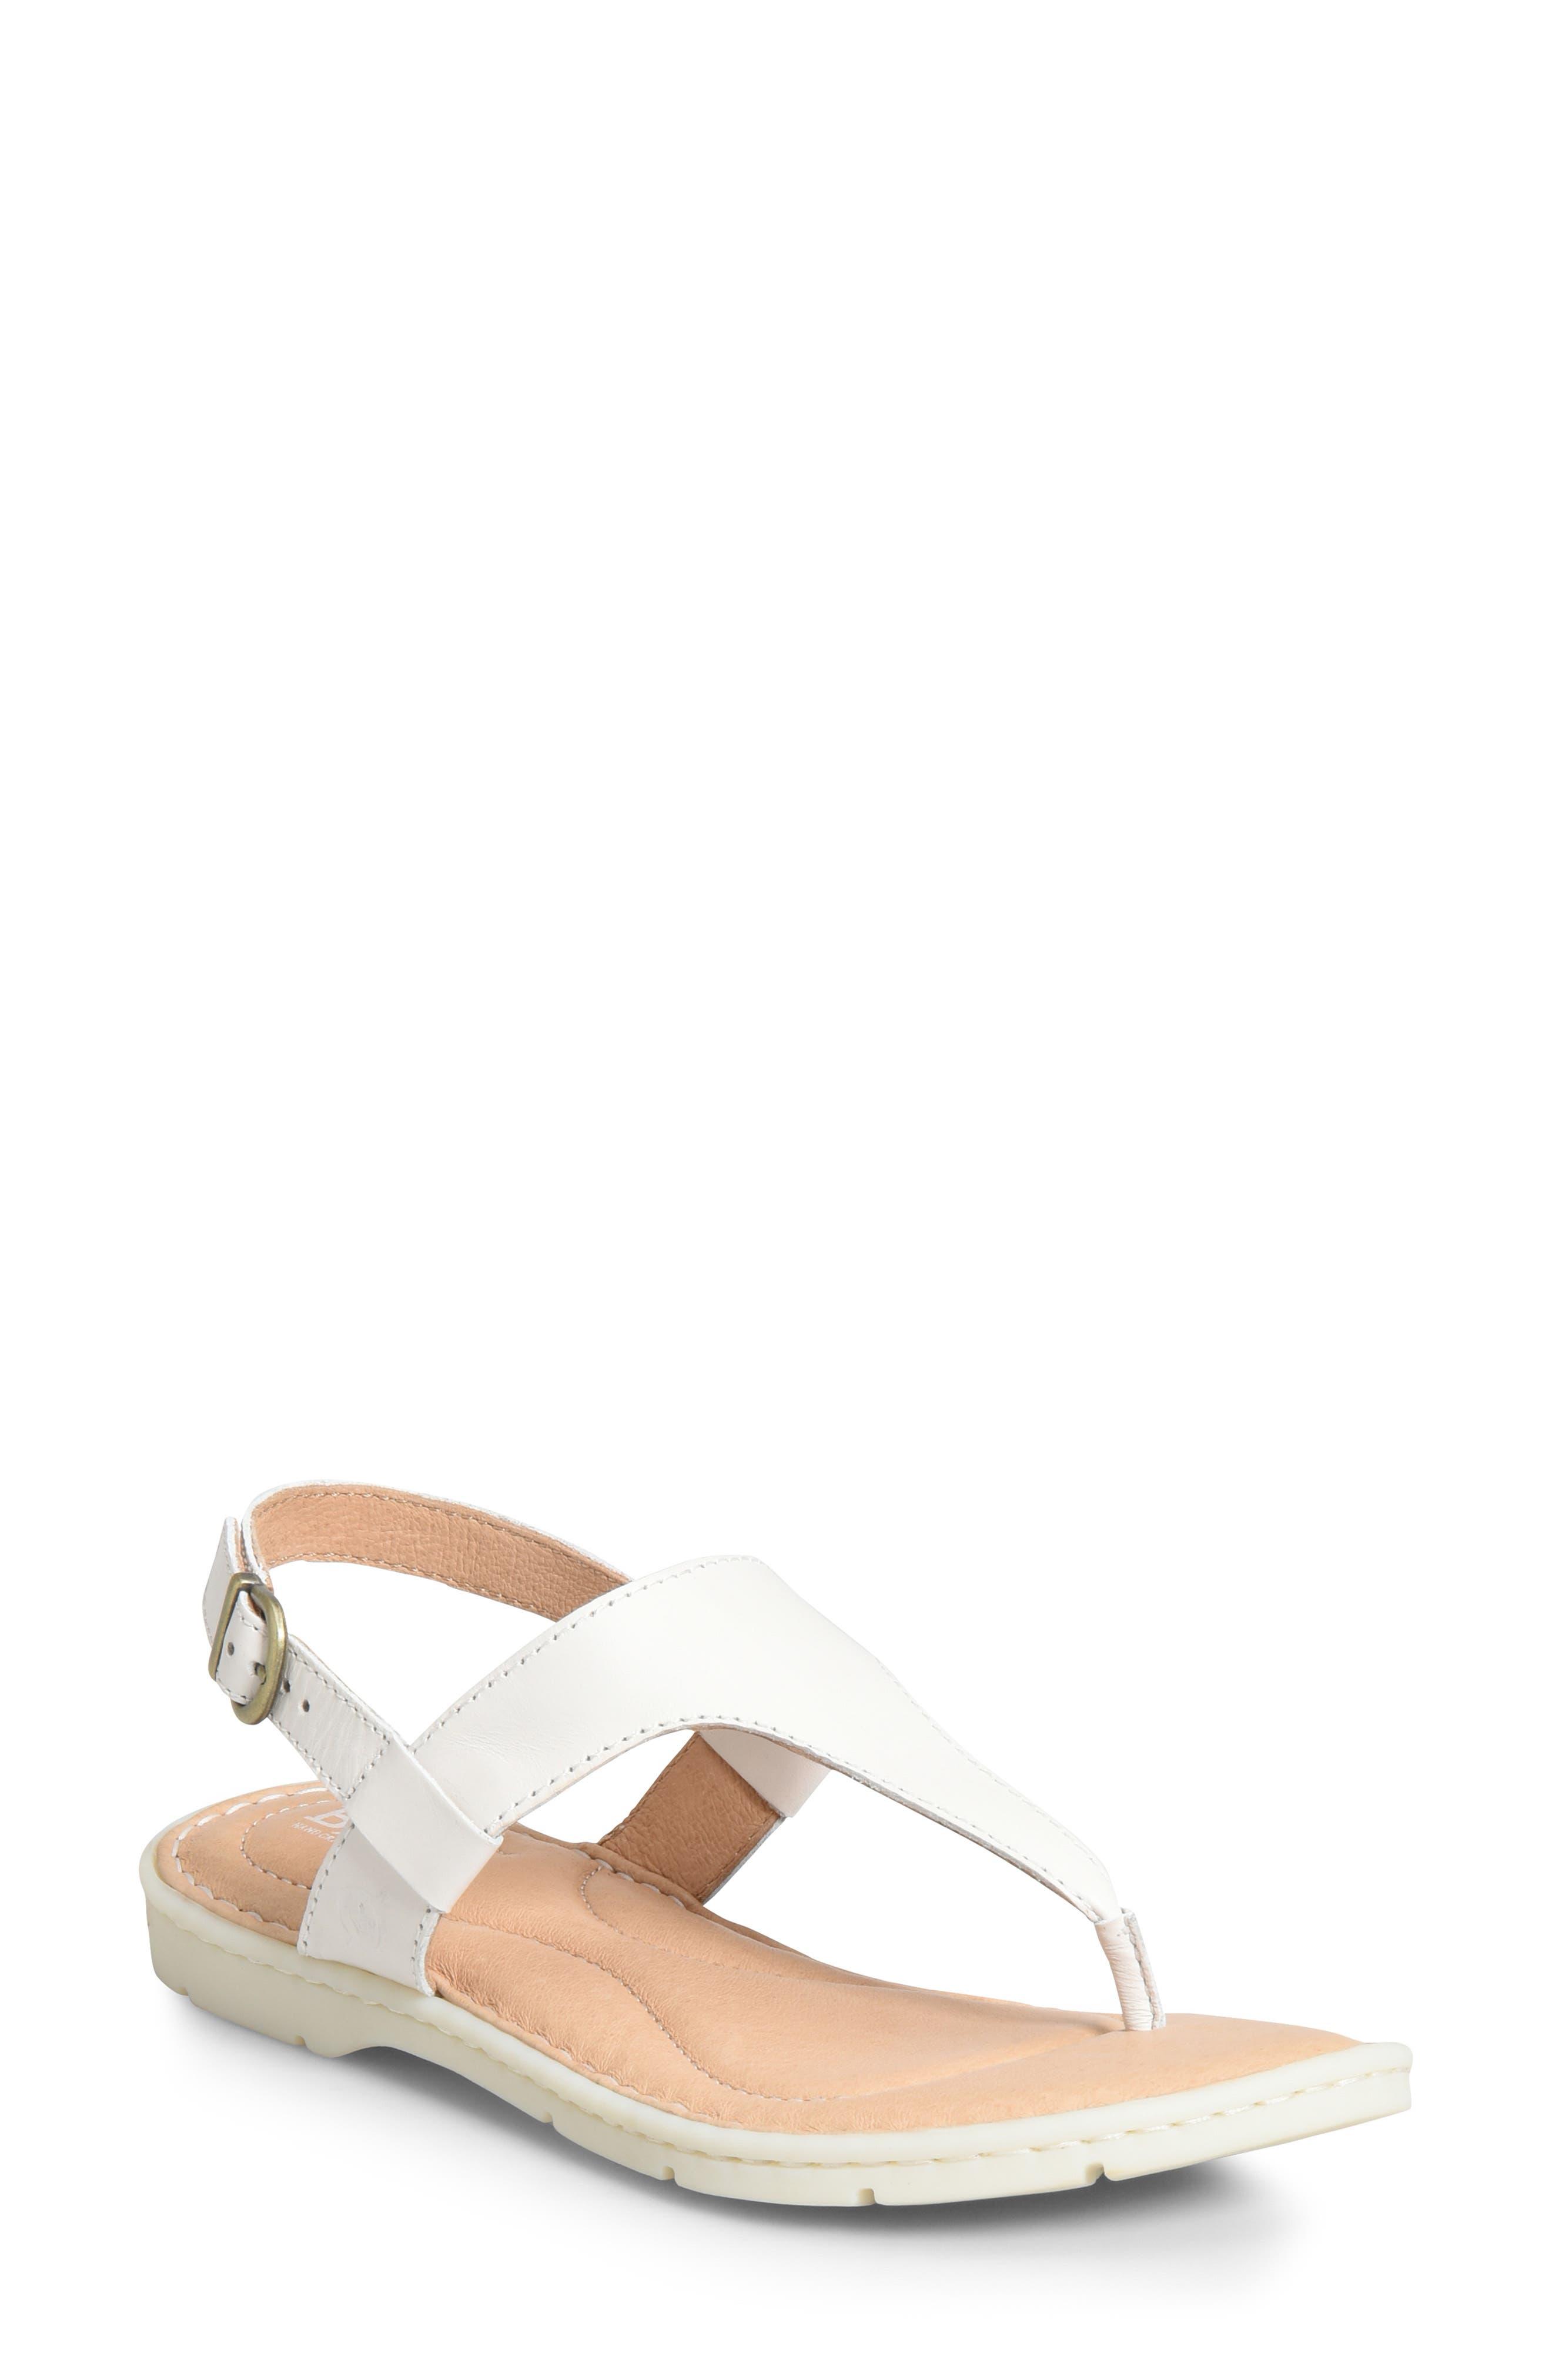 B?rn Taylor V-Strap Sandal, White